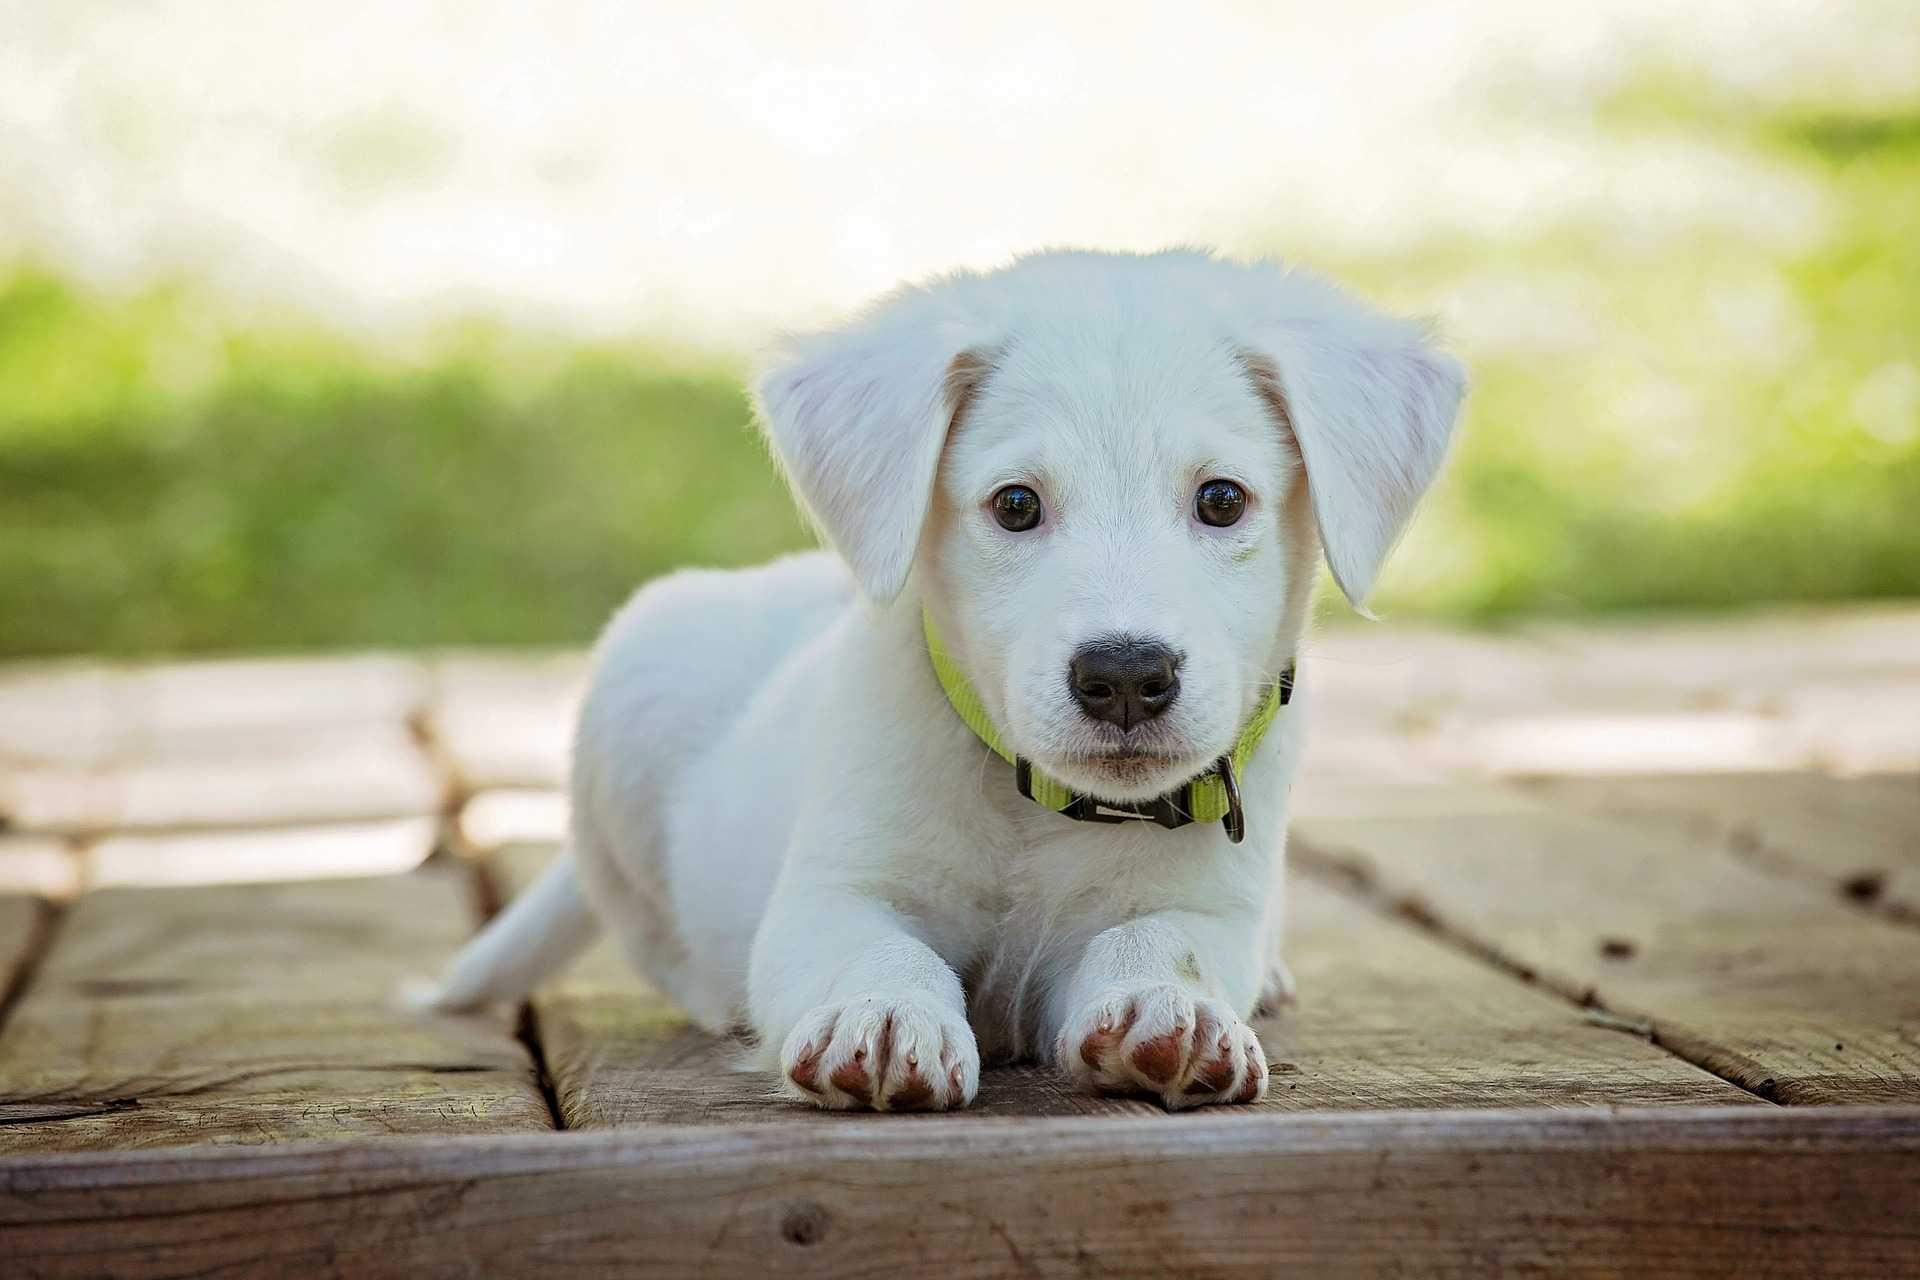 Cane, come scegliere quello ideale per noi